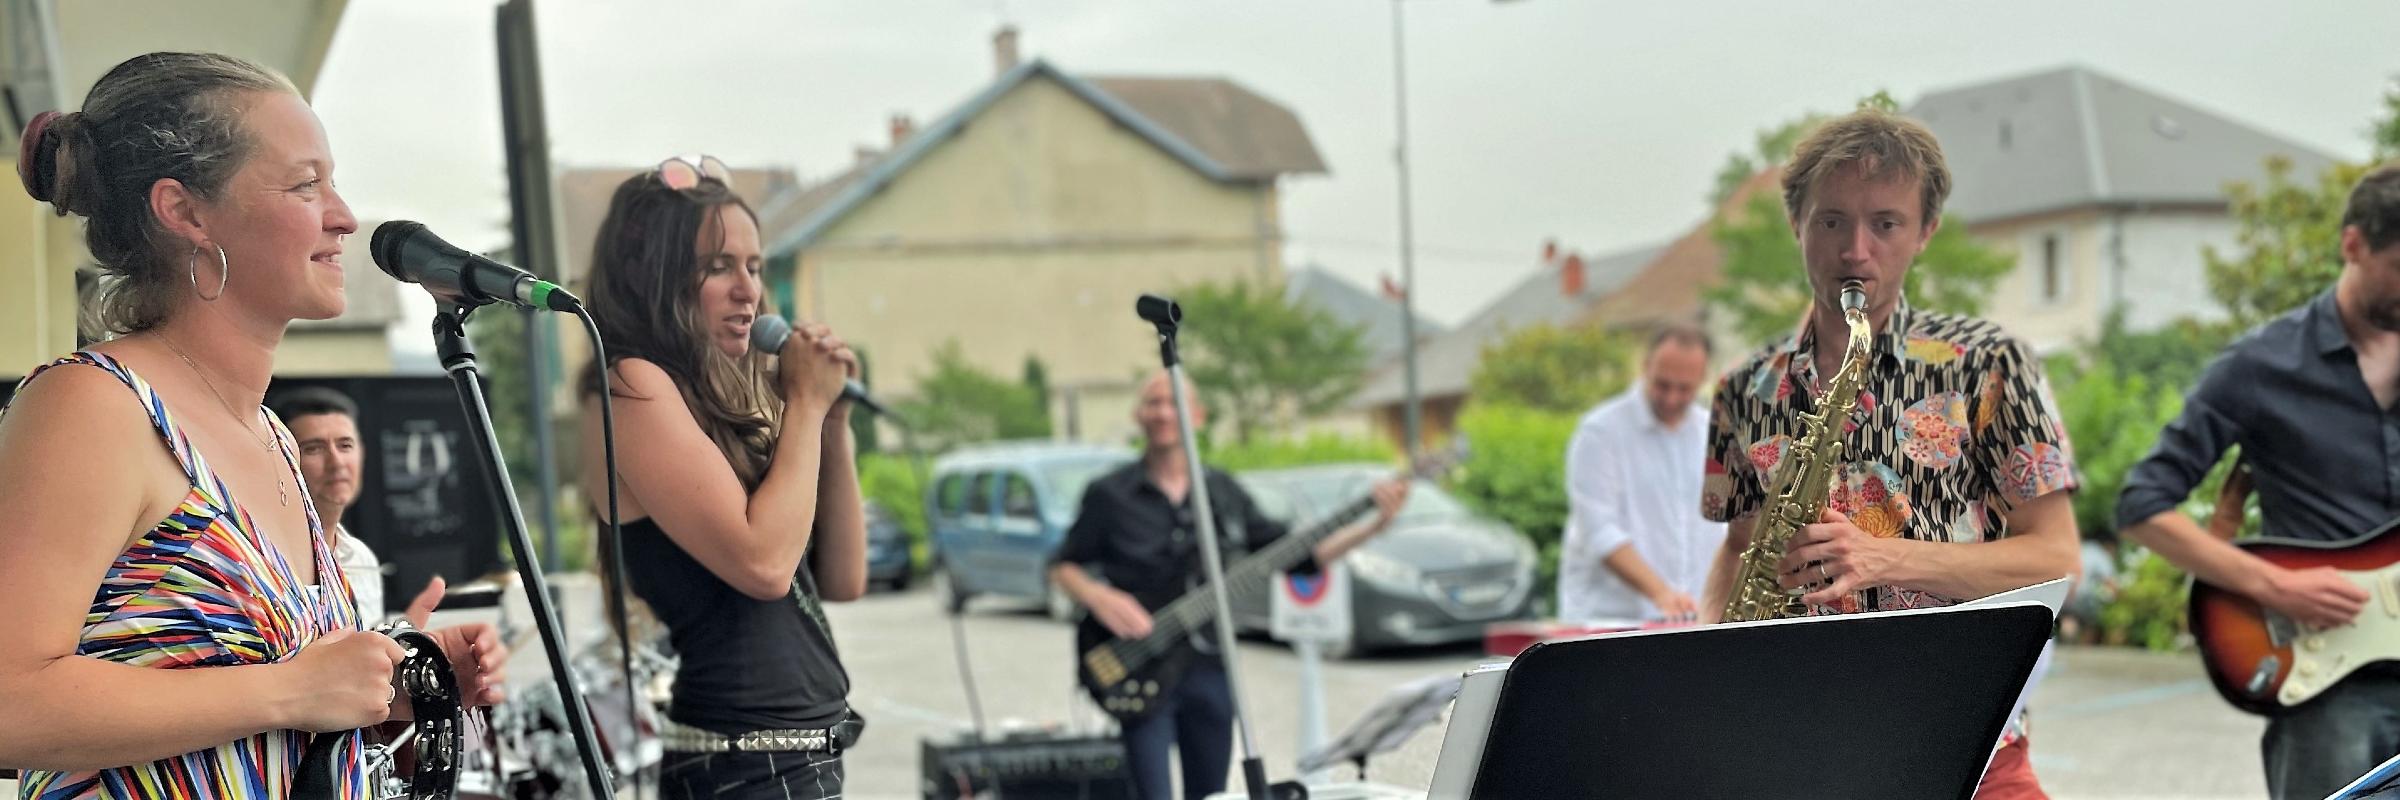 The Funkeeters, groupe de musique Soul en représentation à Savoie - photo de couverture n° 1